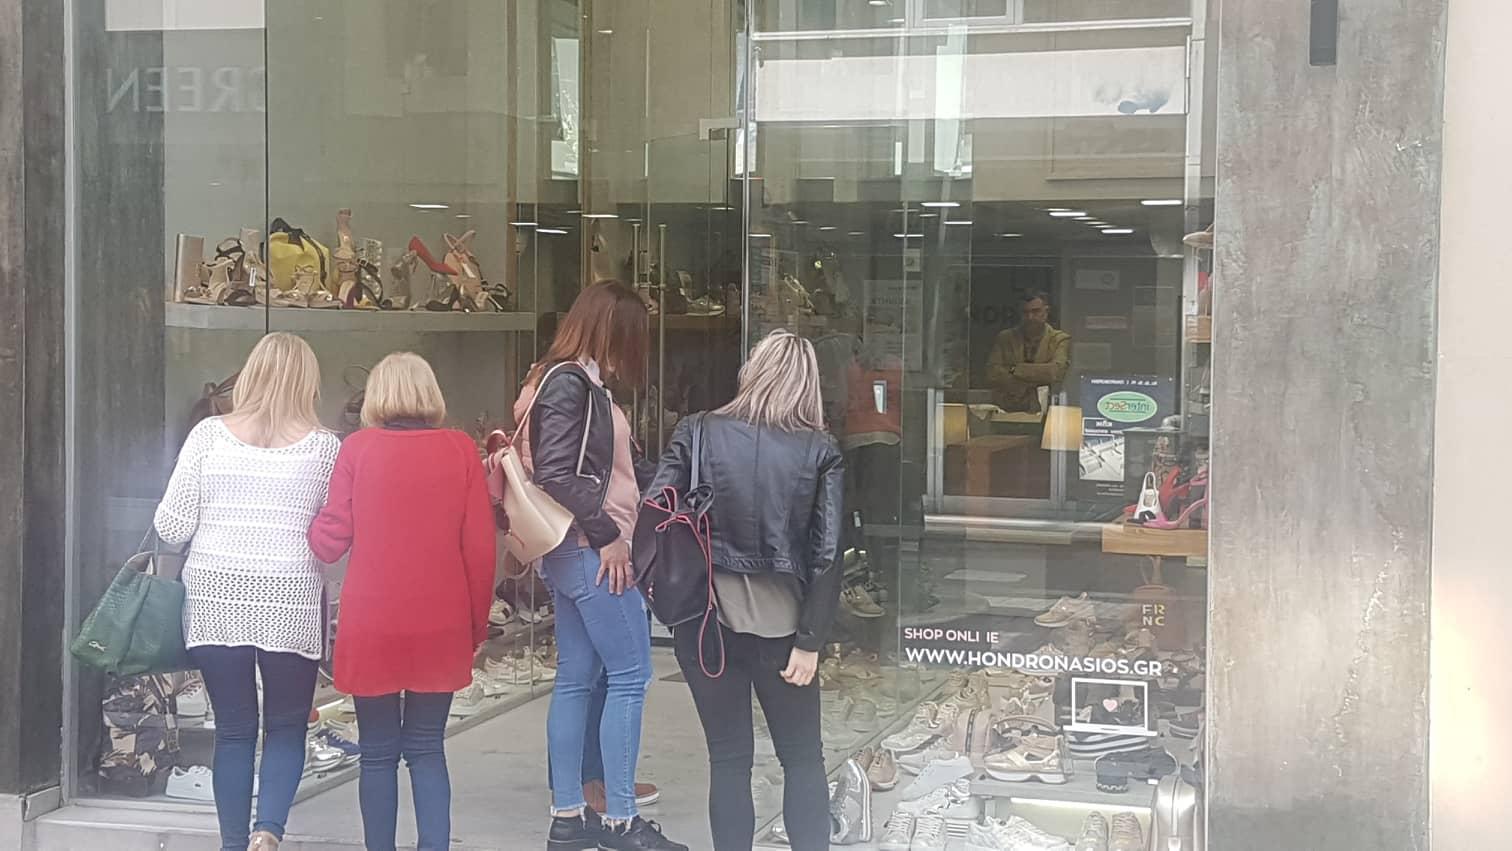 87903f3489 Αυτό είναι το εορταστικό ωράριο για τα καταστήματα της Λάρισας ...